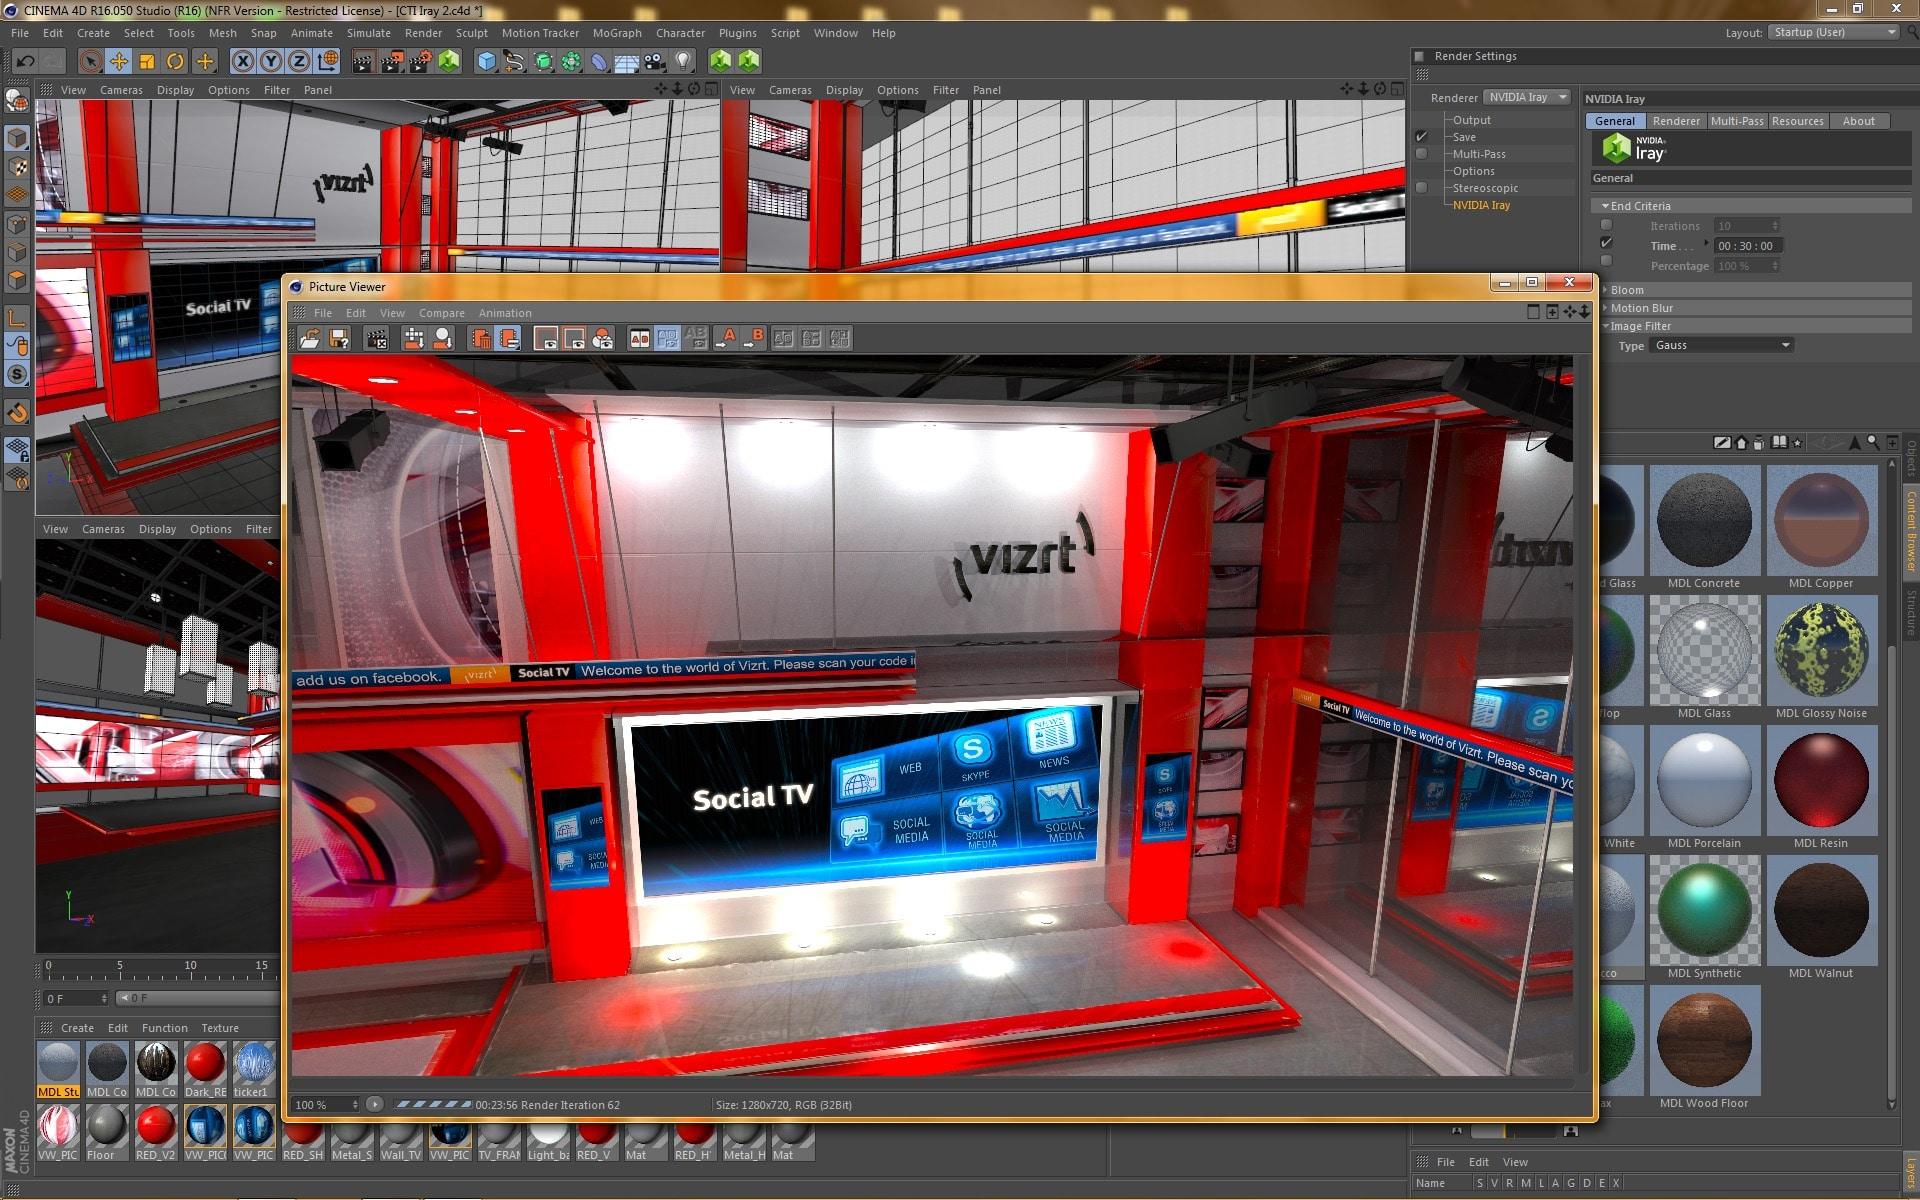 搶先披露:搭配 MAXON CINEMA 4D 的 NVIDIA Iray 渲染器將於 IBC 2015 登場亮相